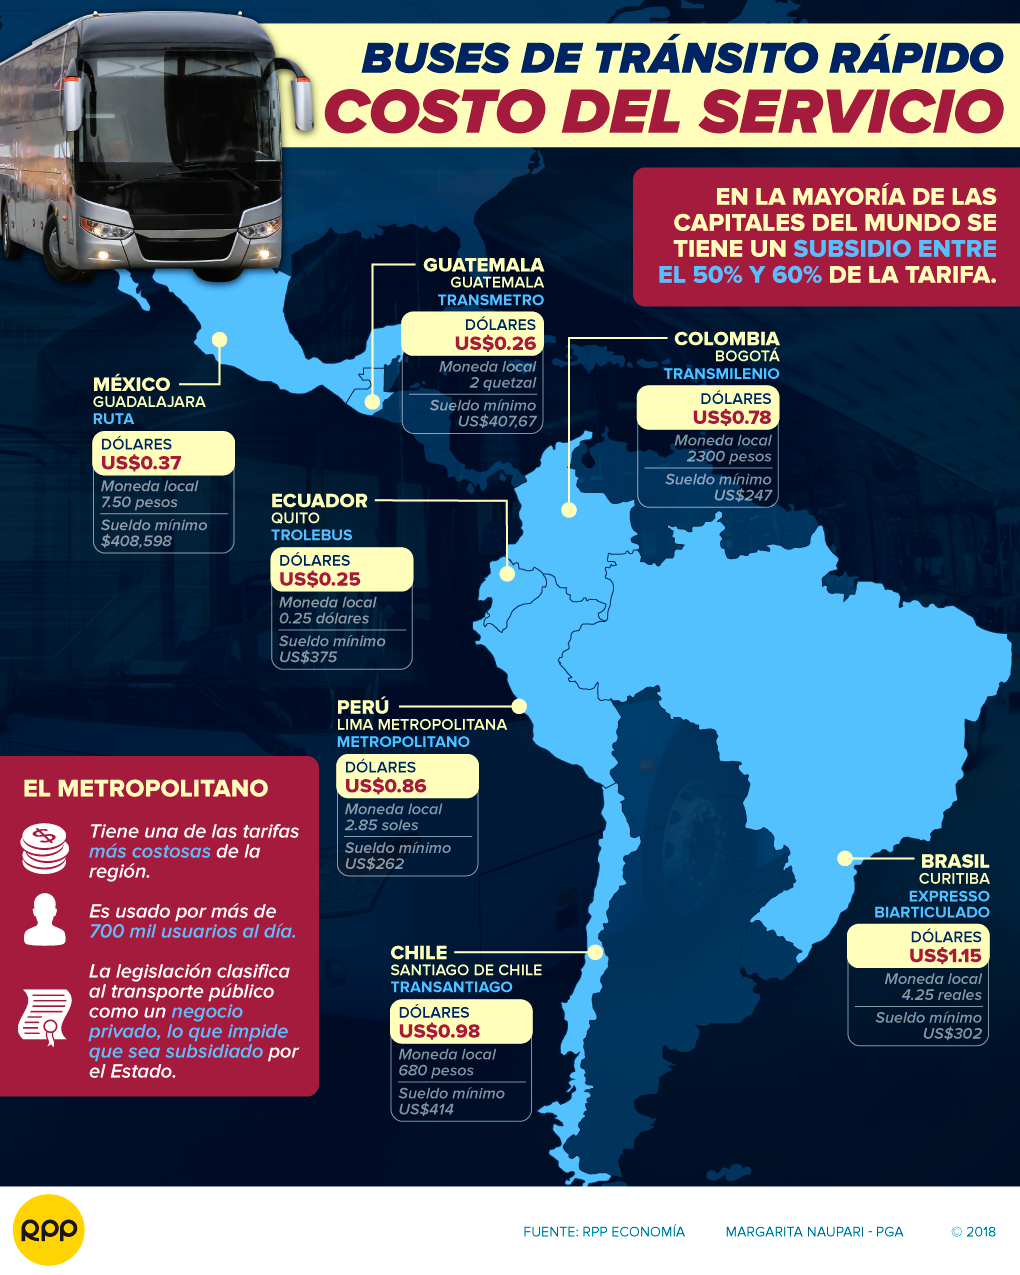 Metropolitano: elevan el pasaje a S/2.85, ¿cuánto cuesta en otras ciudades?